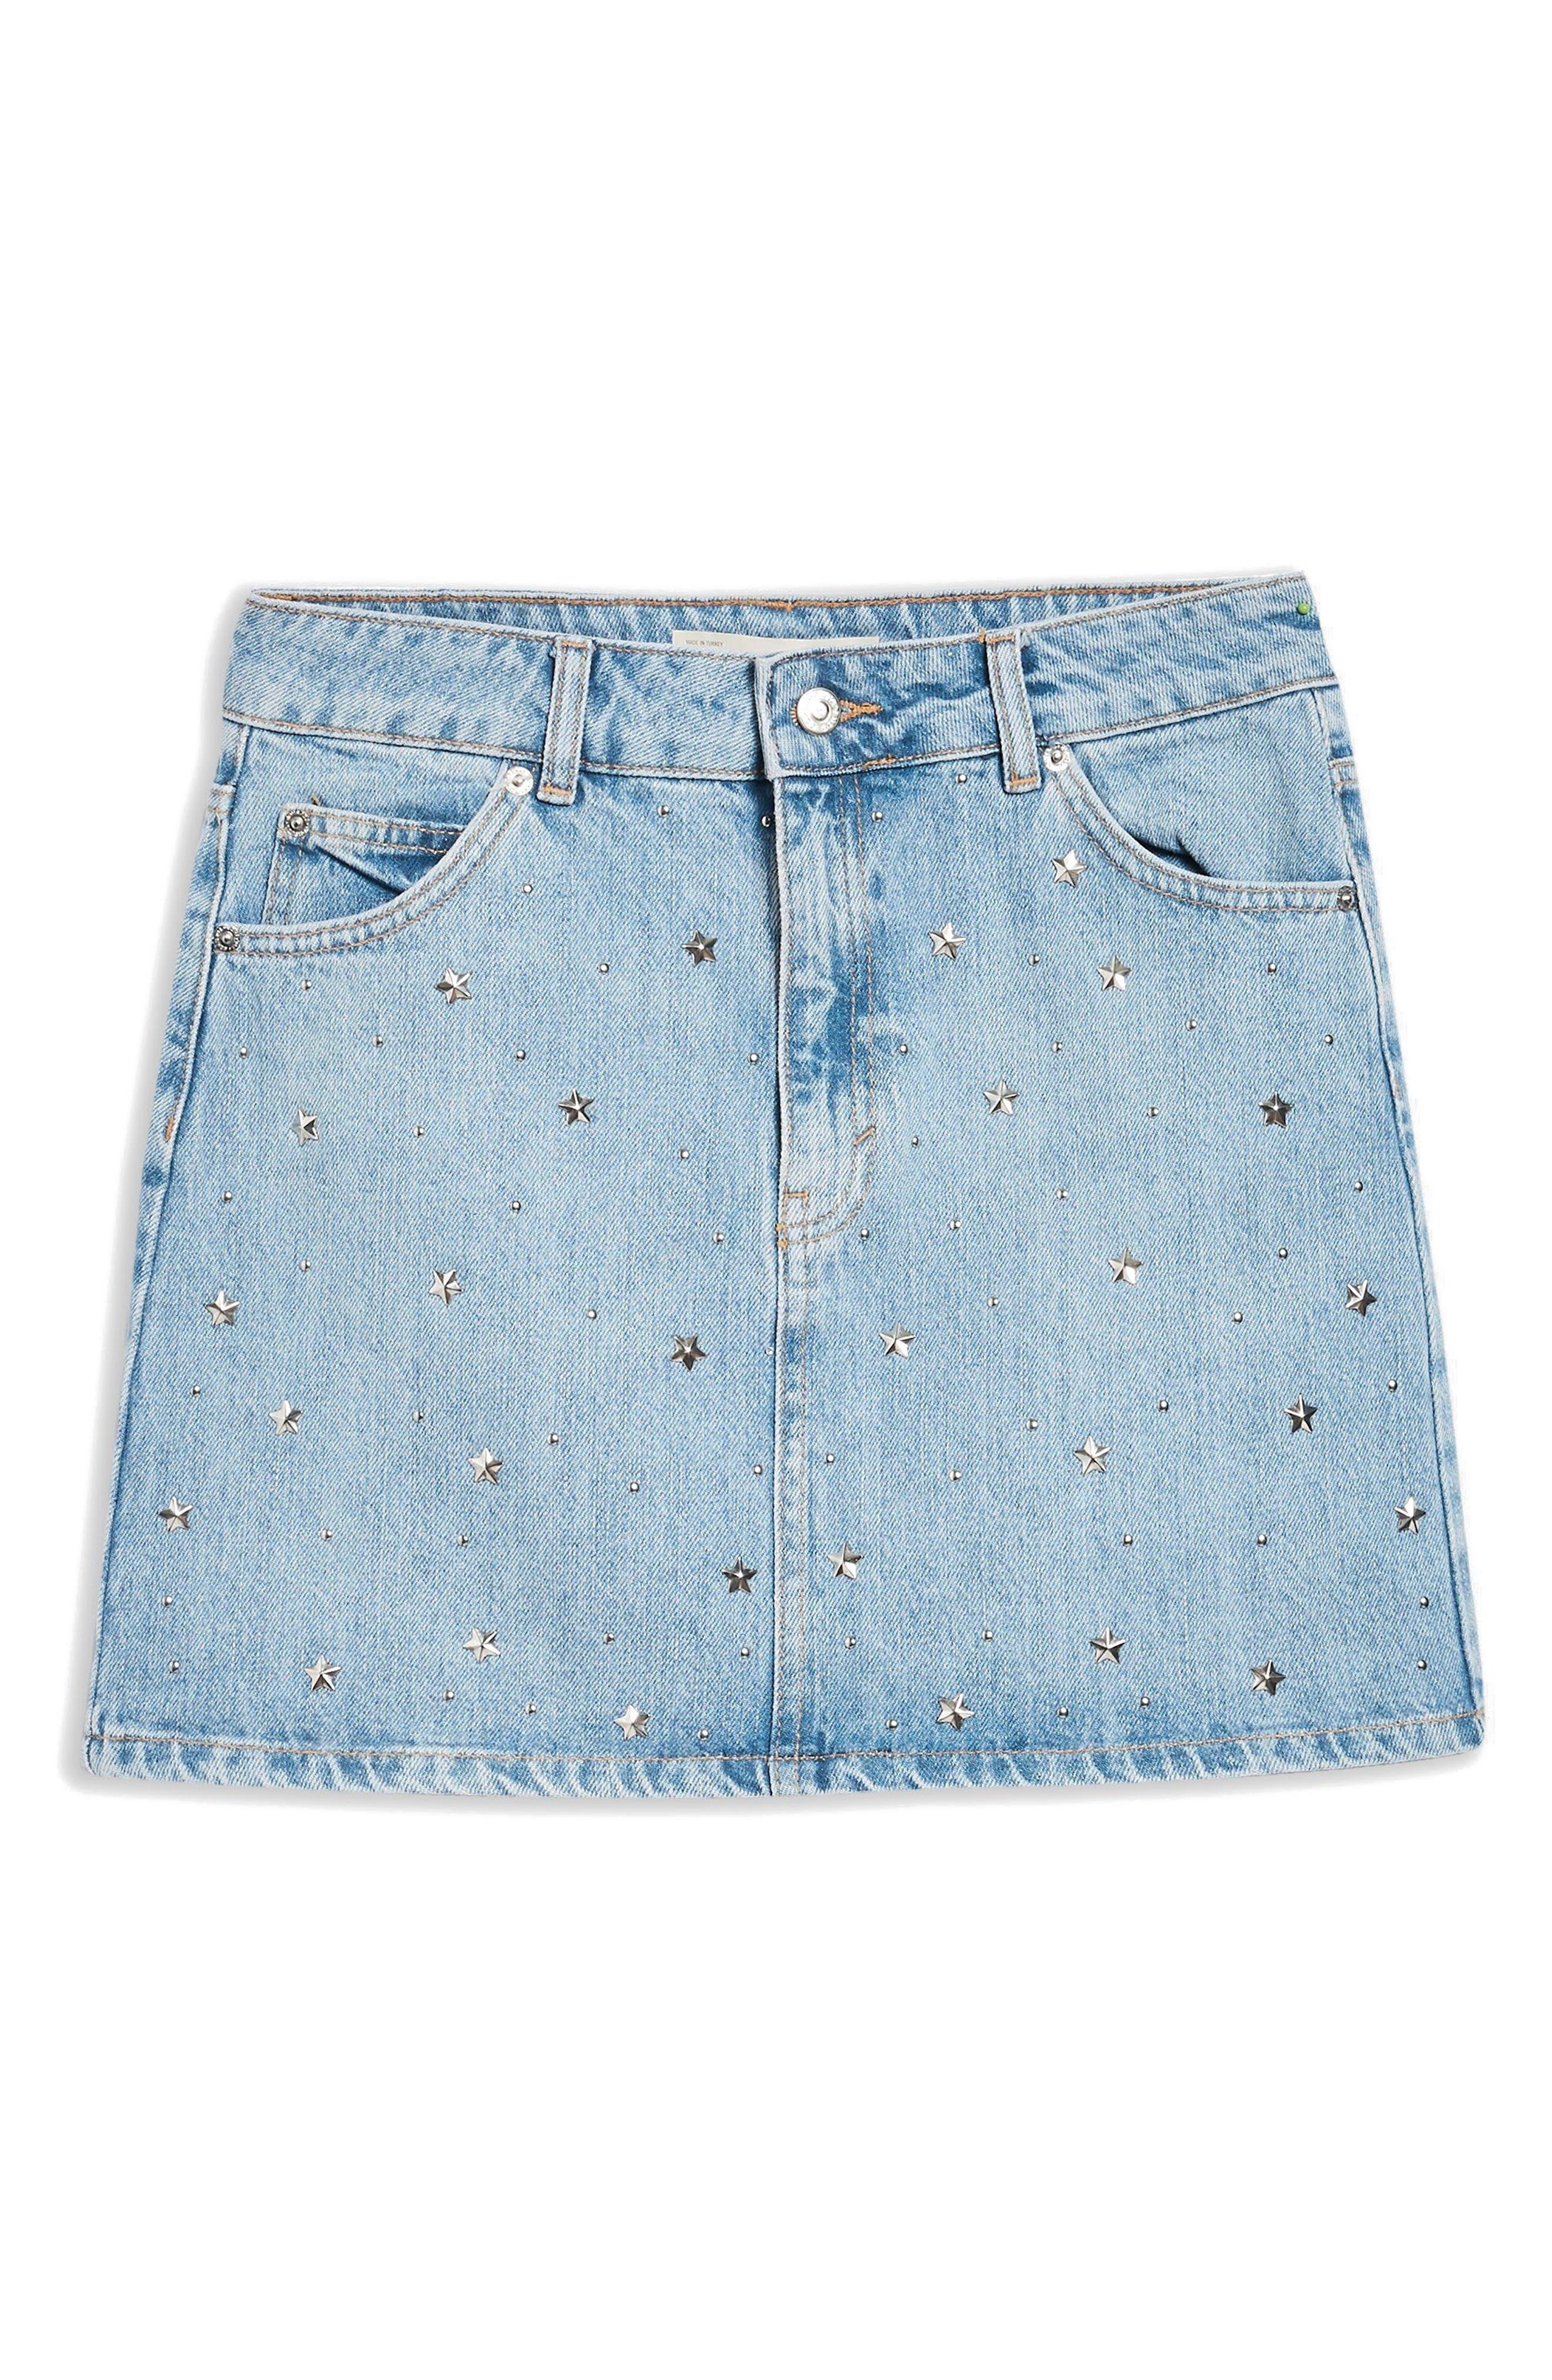 MOTO Star Studded High Waist Skirt,                             Alternate thumbnail 4, color,                             Mid Stone